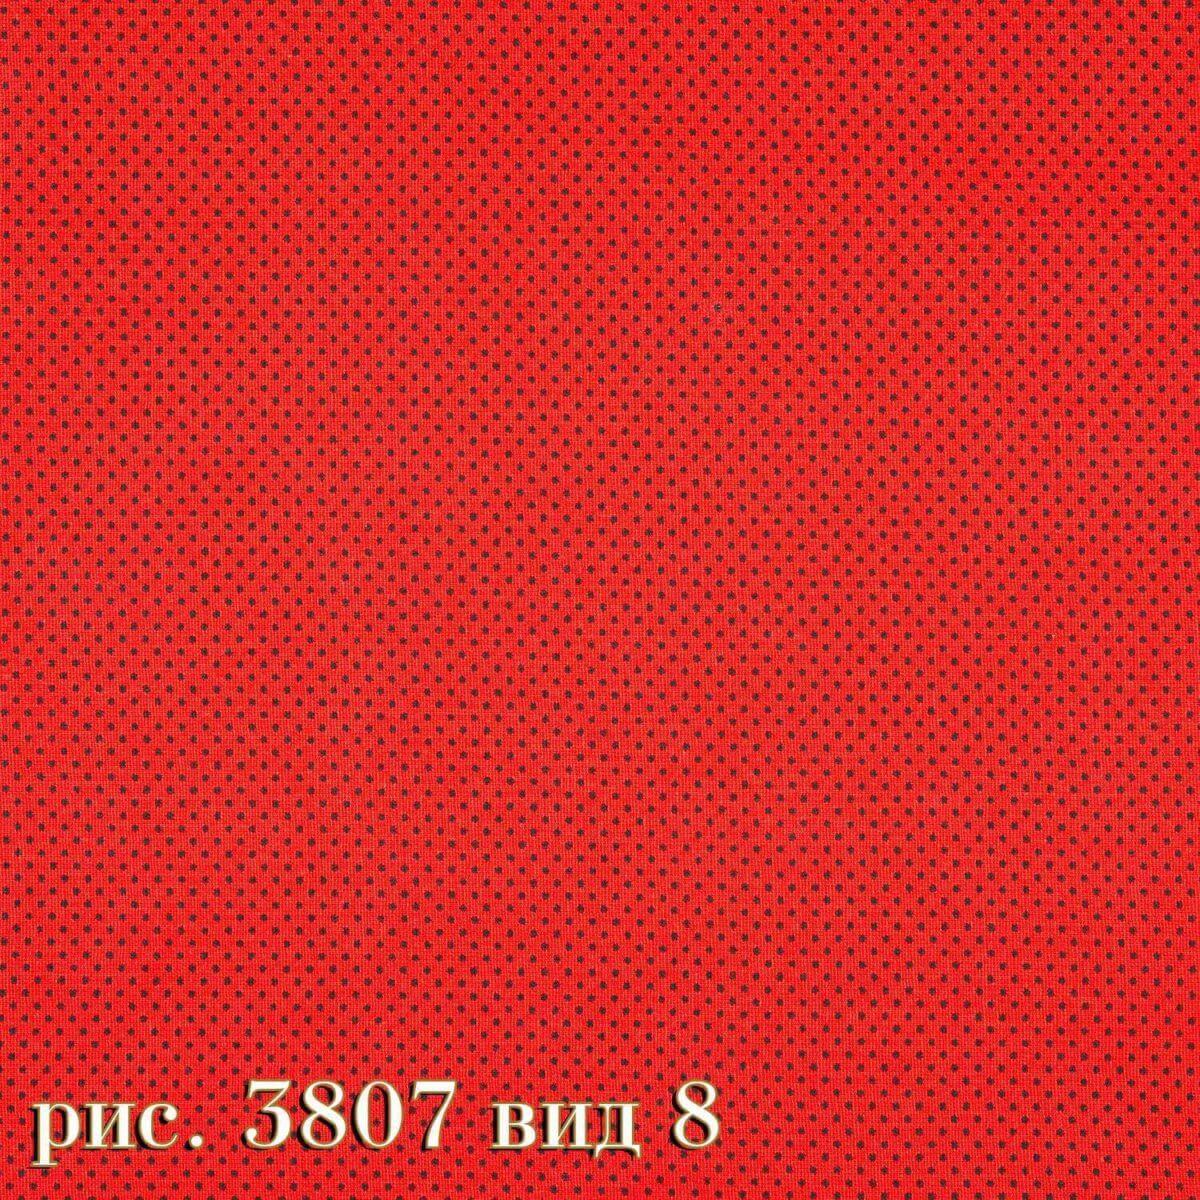 Фото 10 - Плательная ткань бязь 220 см (3807/8).